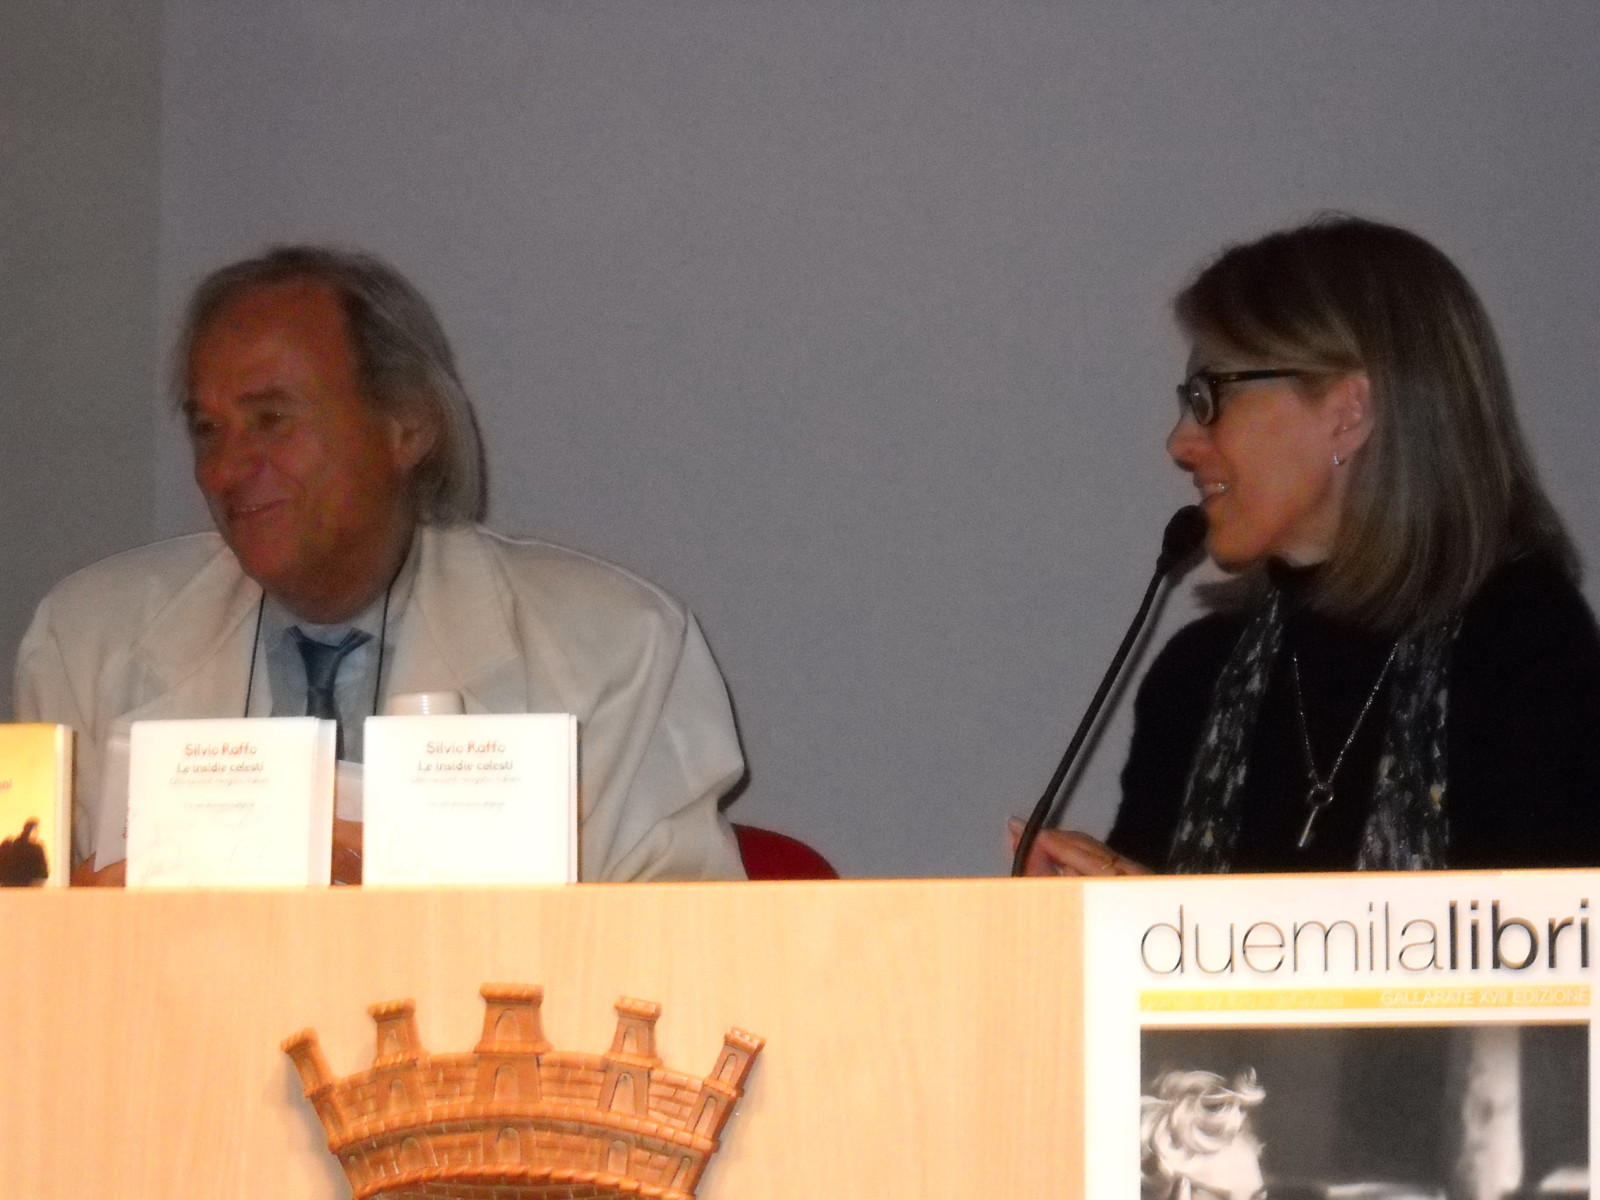 Silvio Raffo